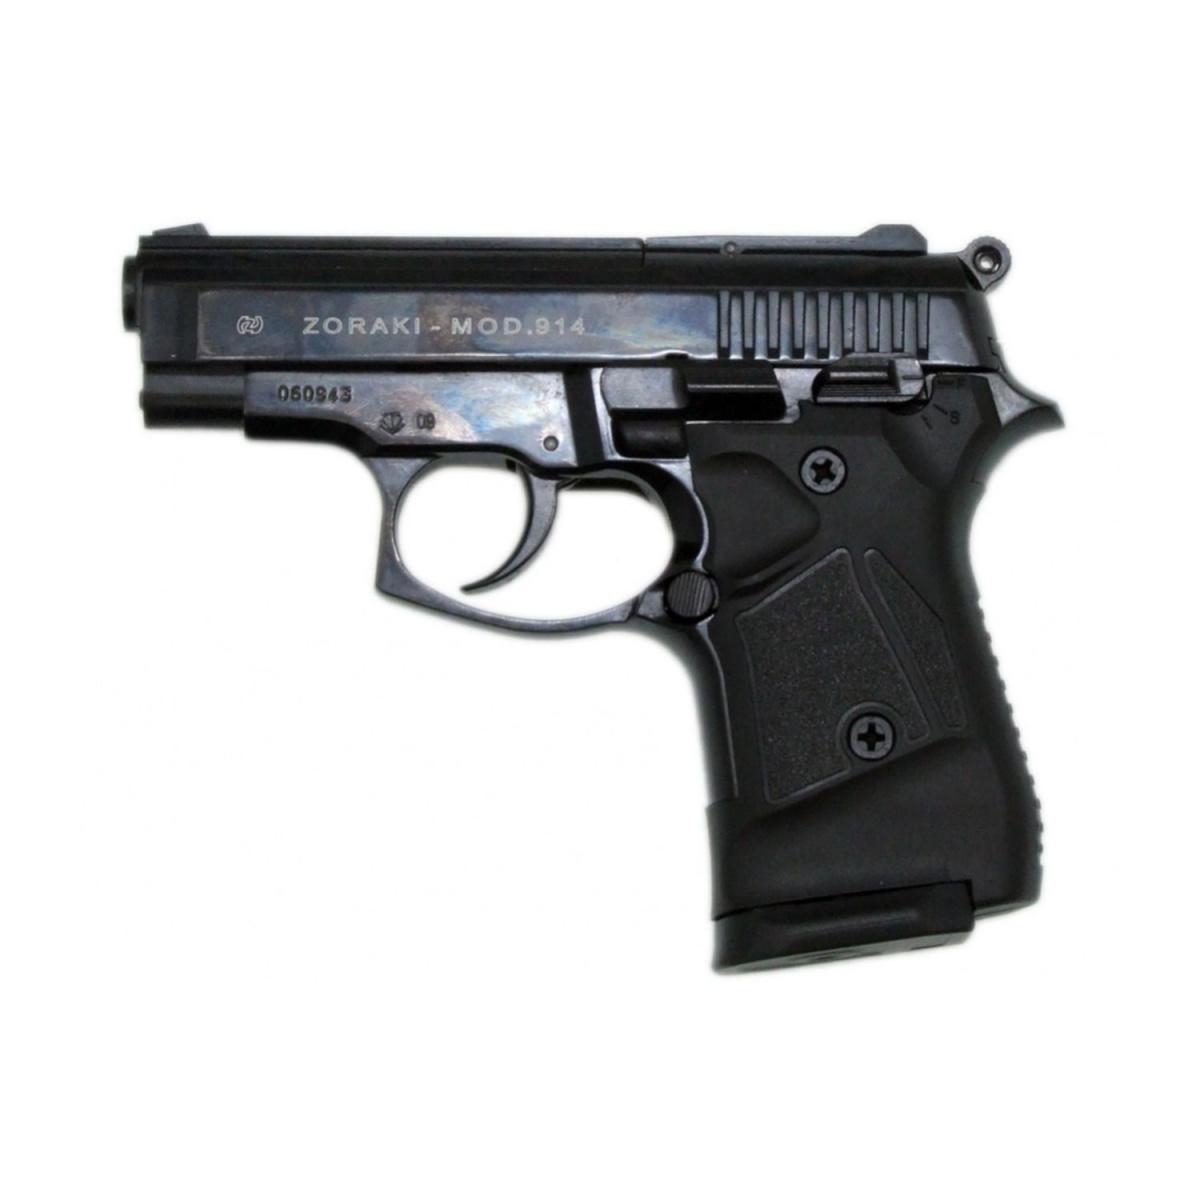 Pistole plynová ATAK ZORAKI 914 cal.9mm P.A. ÈERNÁ - zvìtšit obrázek